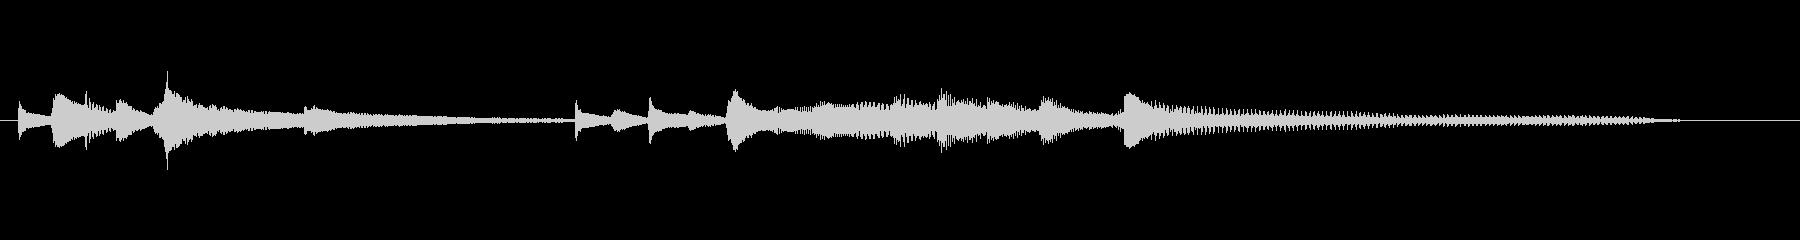 シネマティック 感情的な ピアノの未再生の波形